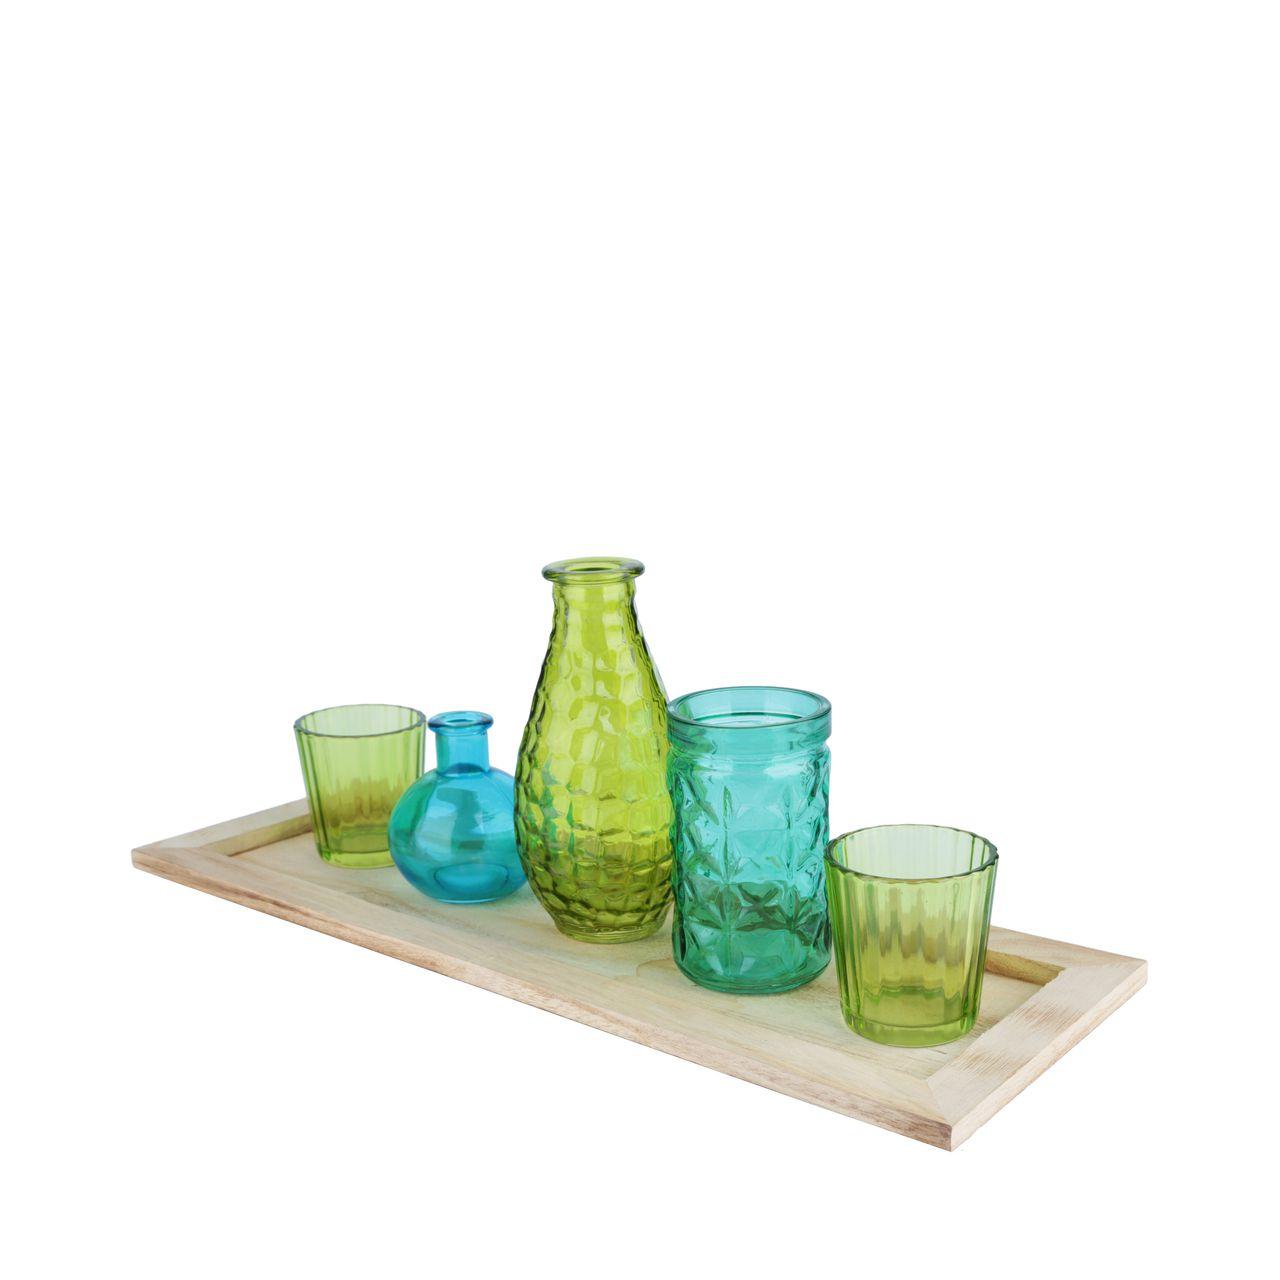 Conjunto 5 Castiçais Vidro com Bandeja Madeira De Tamanhos Variados Azul/Verde